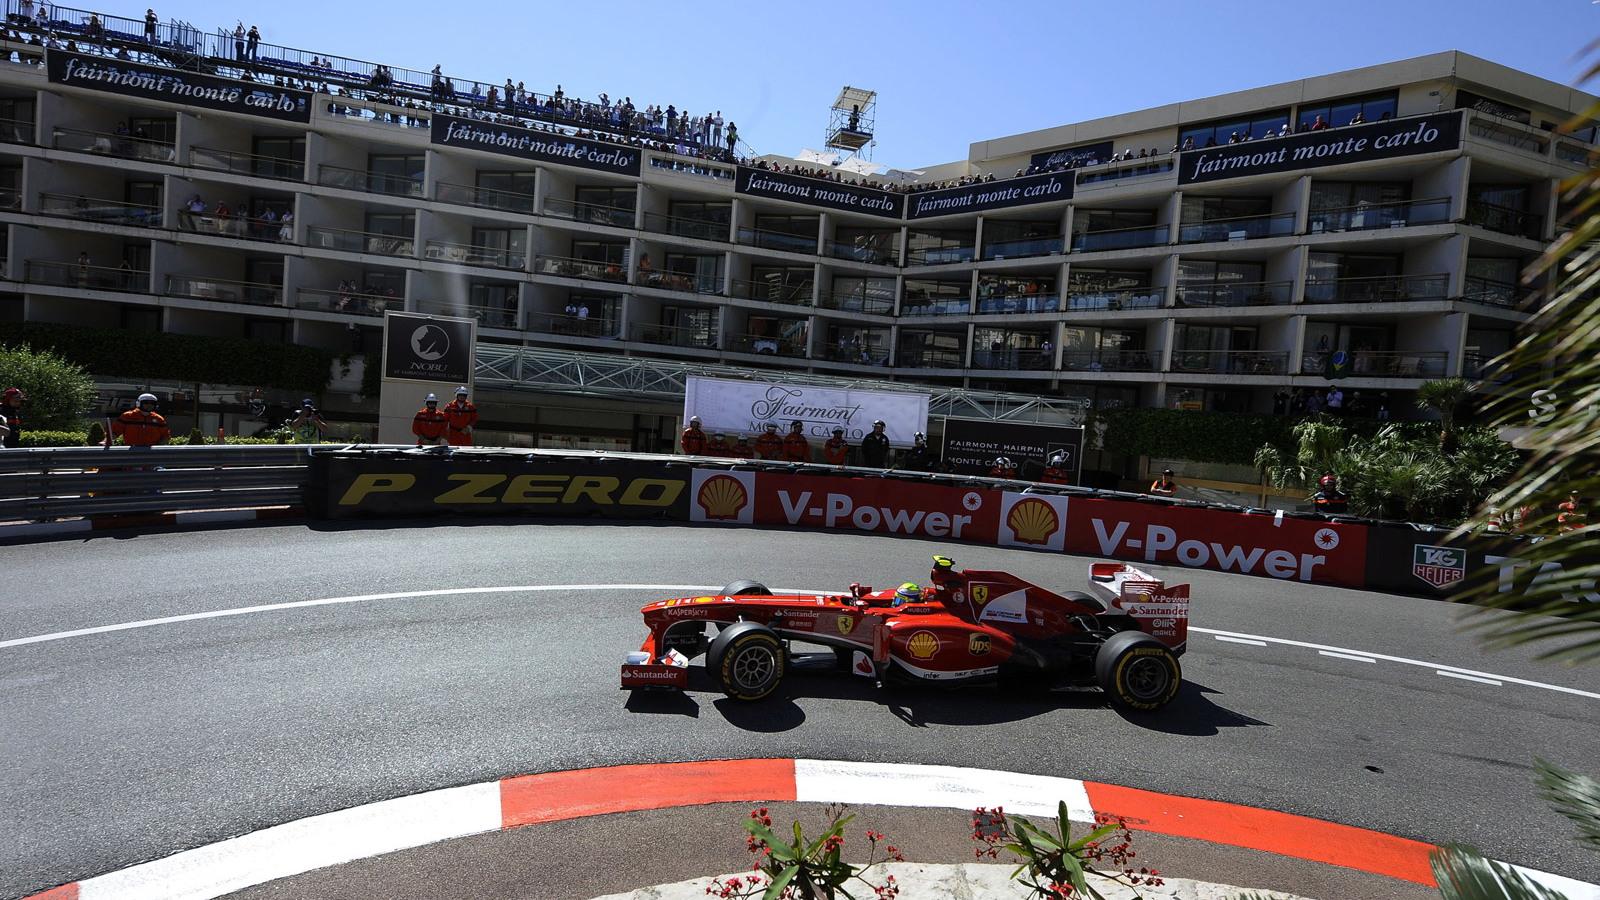 Ferrari at the 2013 Formula One Monaco Grand Prix